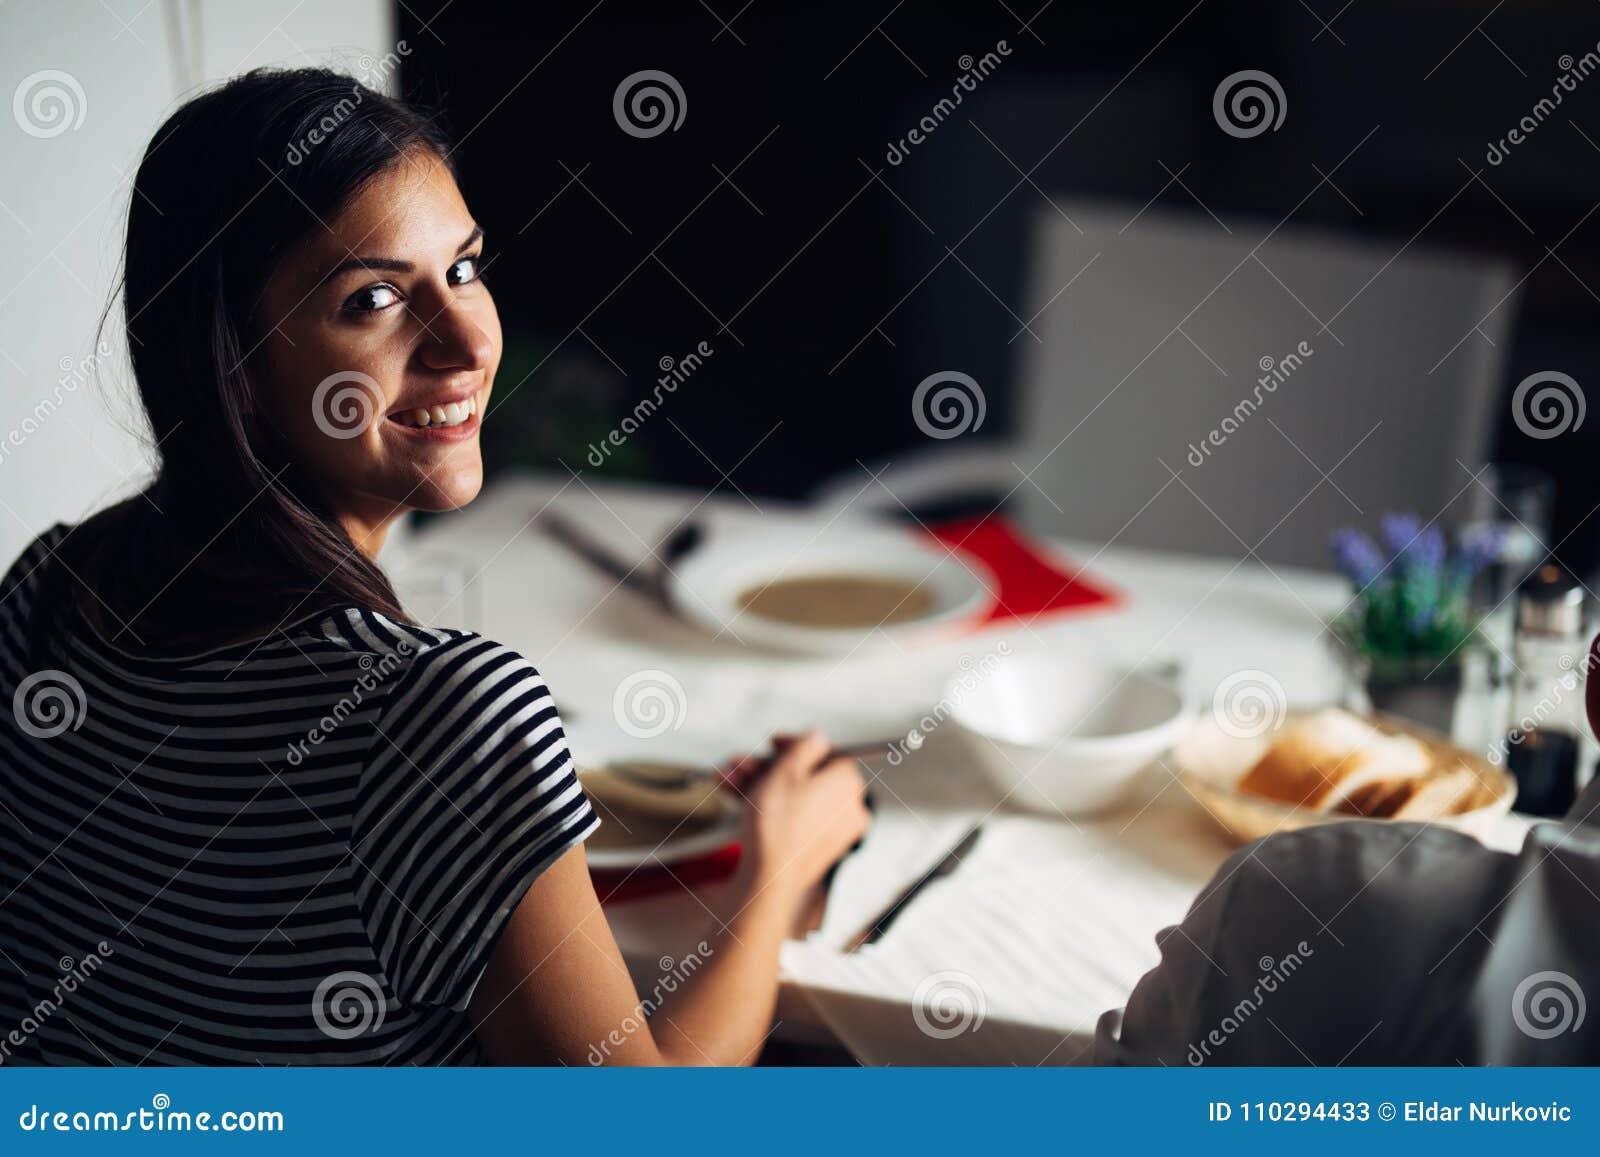 Frau im Restaurant vegetarische Cremesuppe des strengen Vegetariers essend Gluten frei und Diätlebensmittel Weibliche Essenknoche